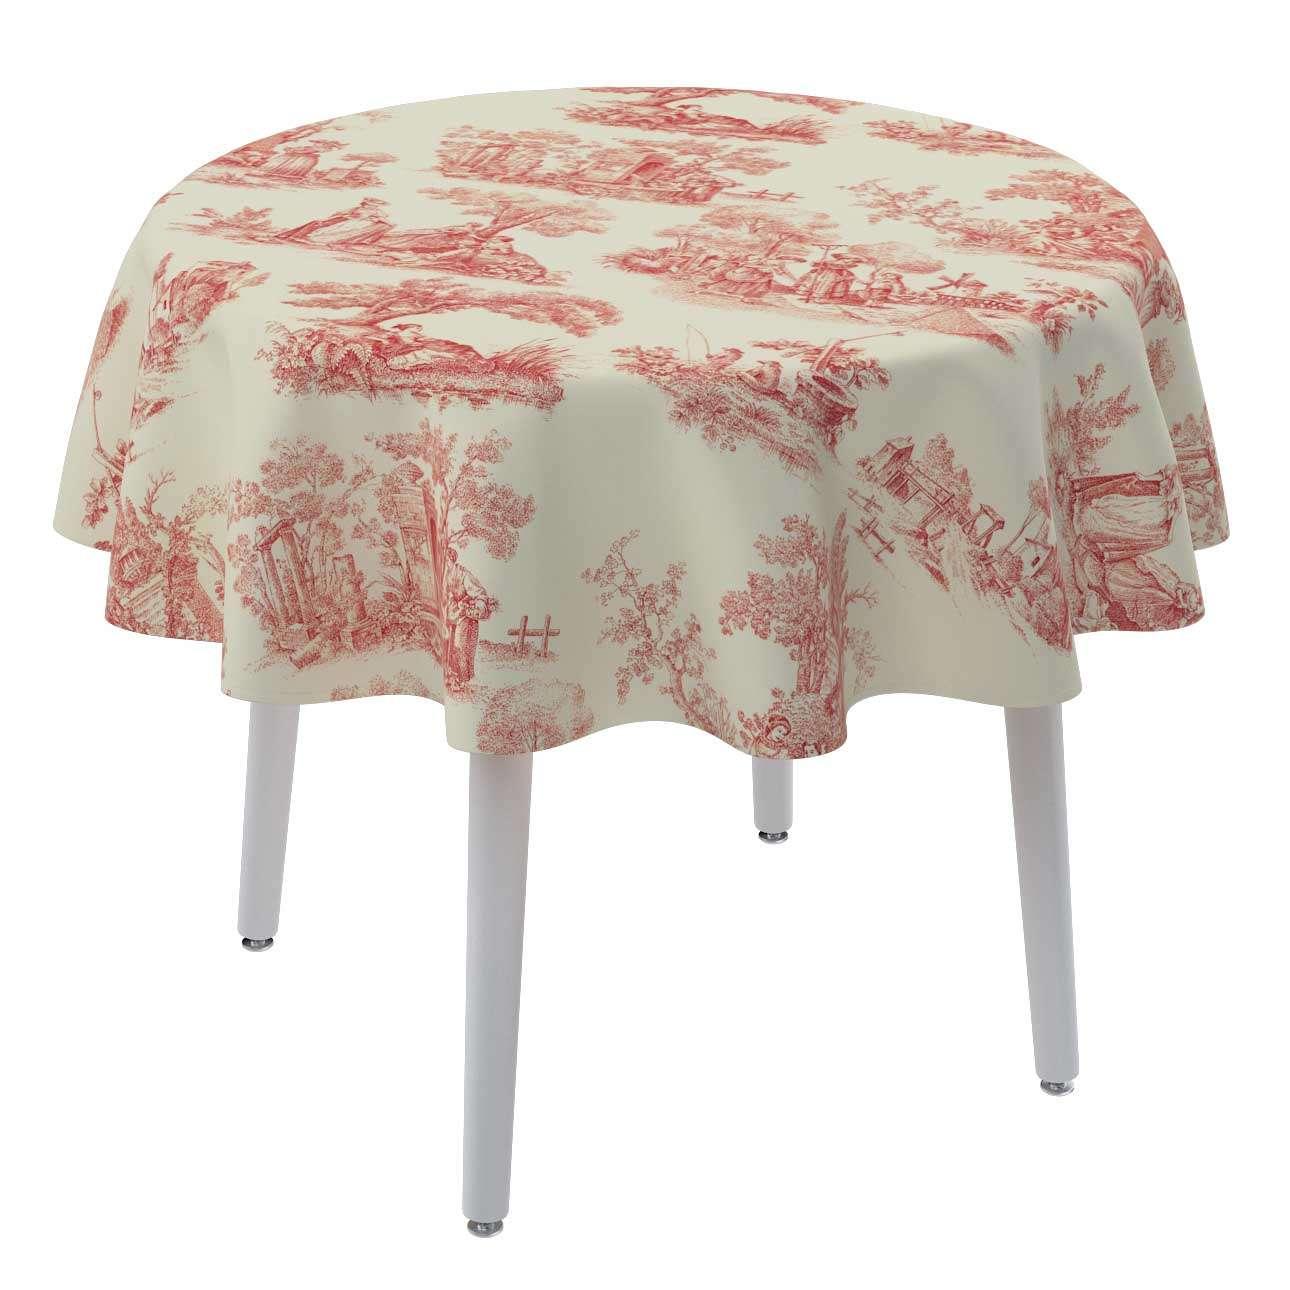 Staltiesės (apvaliam stalui) Ø 135 cm kolekcijoje Avinon, audinys: 132-15